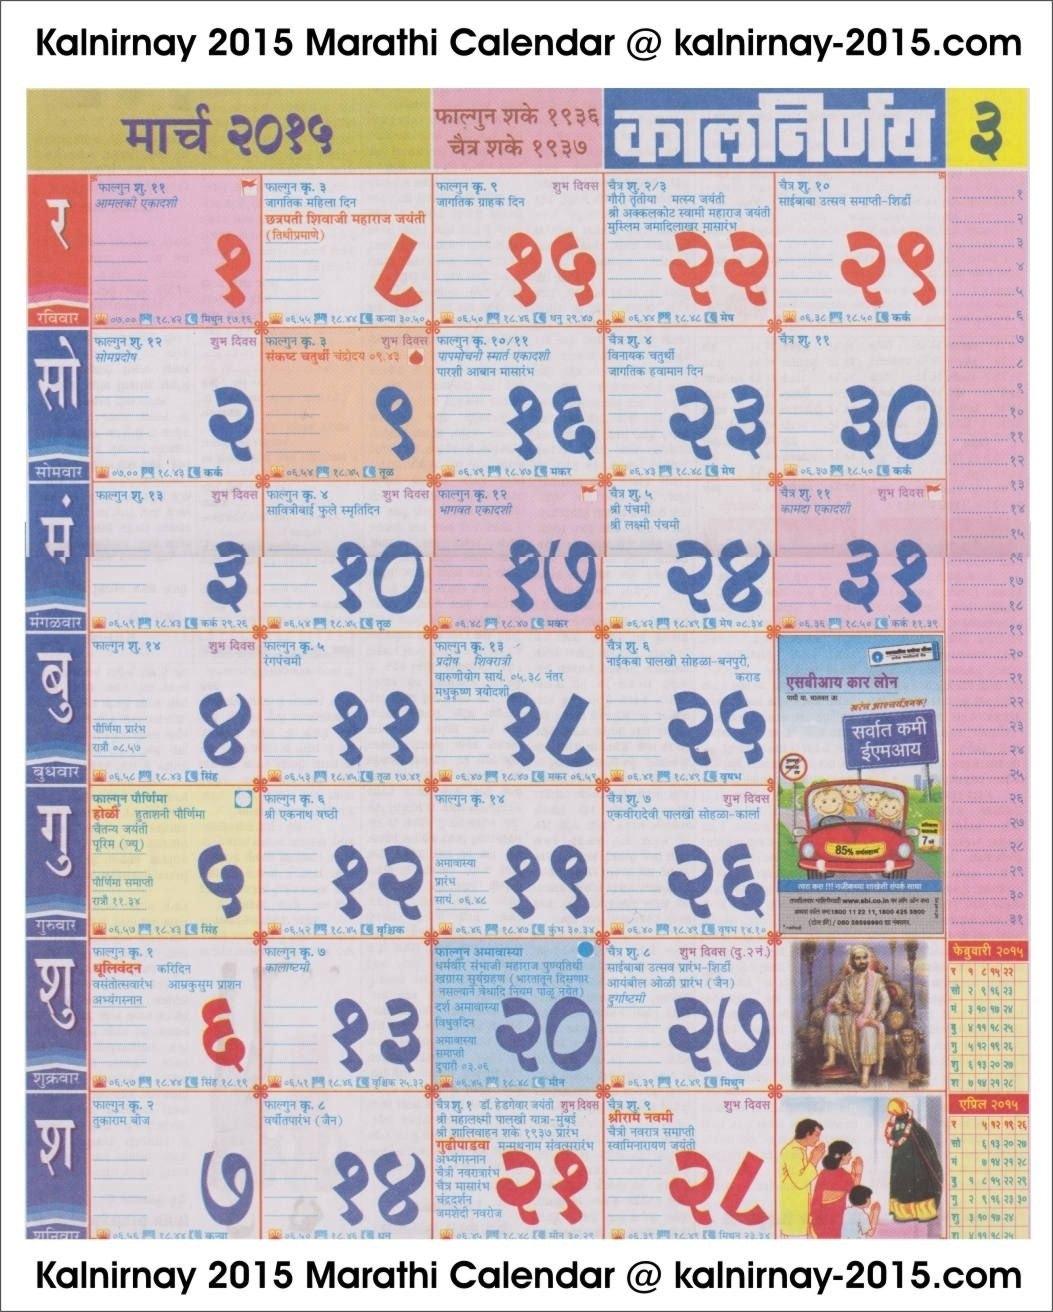 Kalnirnay Calendar March 2019 Marathi   Template Calendar Printable Calendar 2019 Kalnirnay March